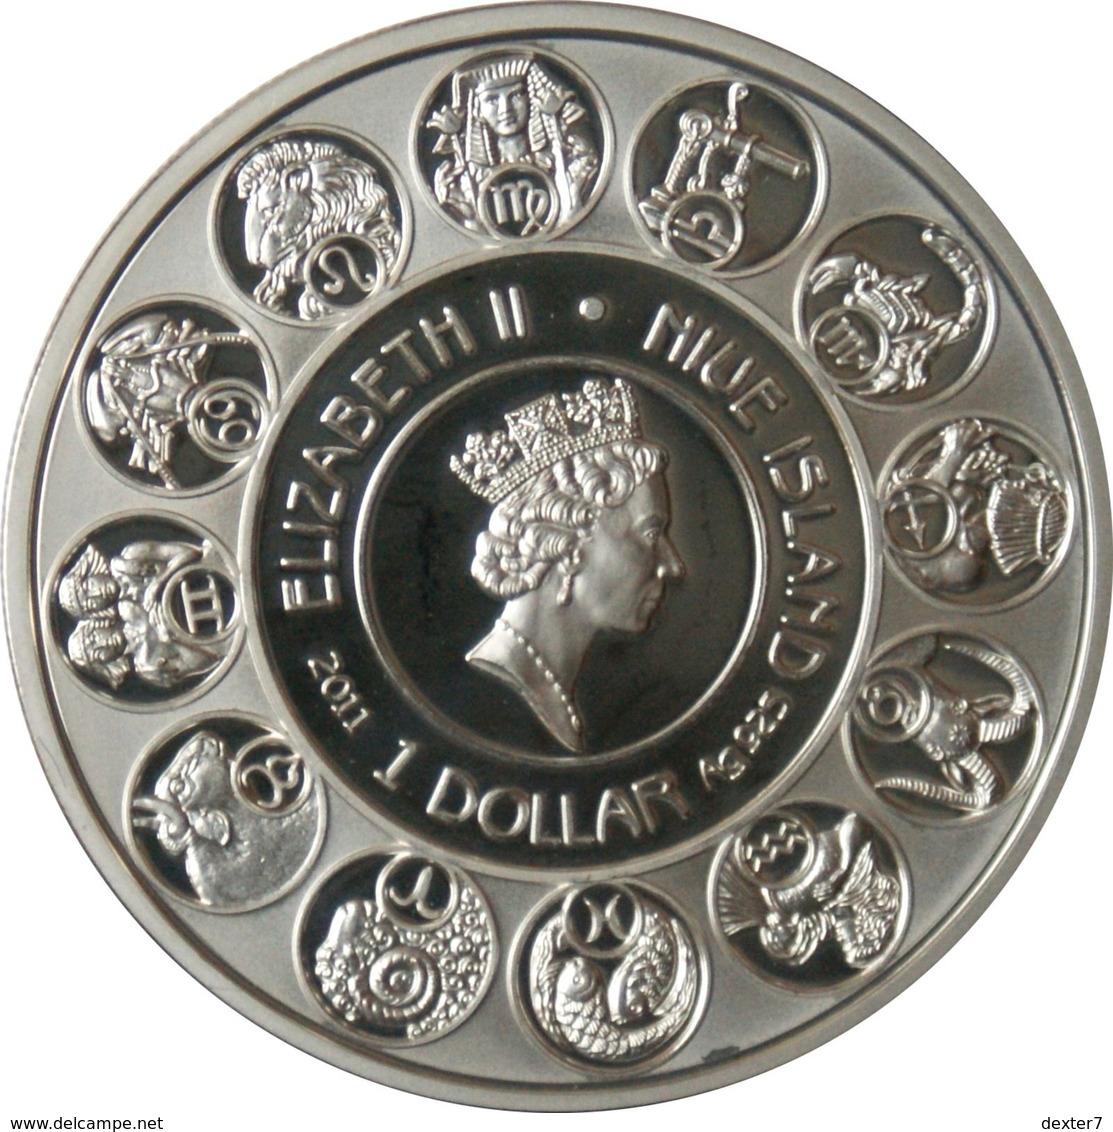 Niue, Mucha Zodiac AQUARIUS 2011 Silver 925 Sterling Box CoA - Zodiaco Segno Zodiacale ACQUARIO Argento 925 - Niue